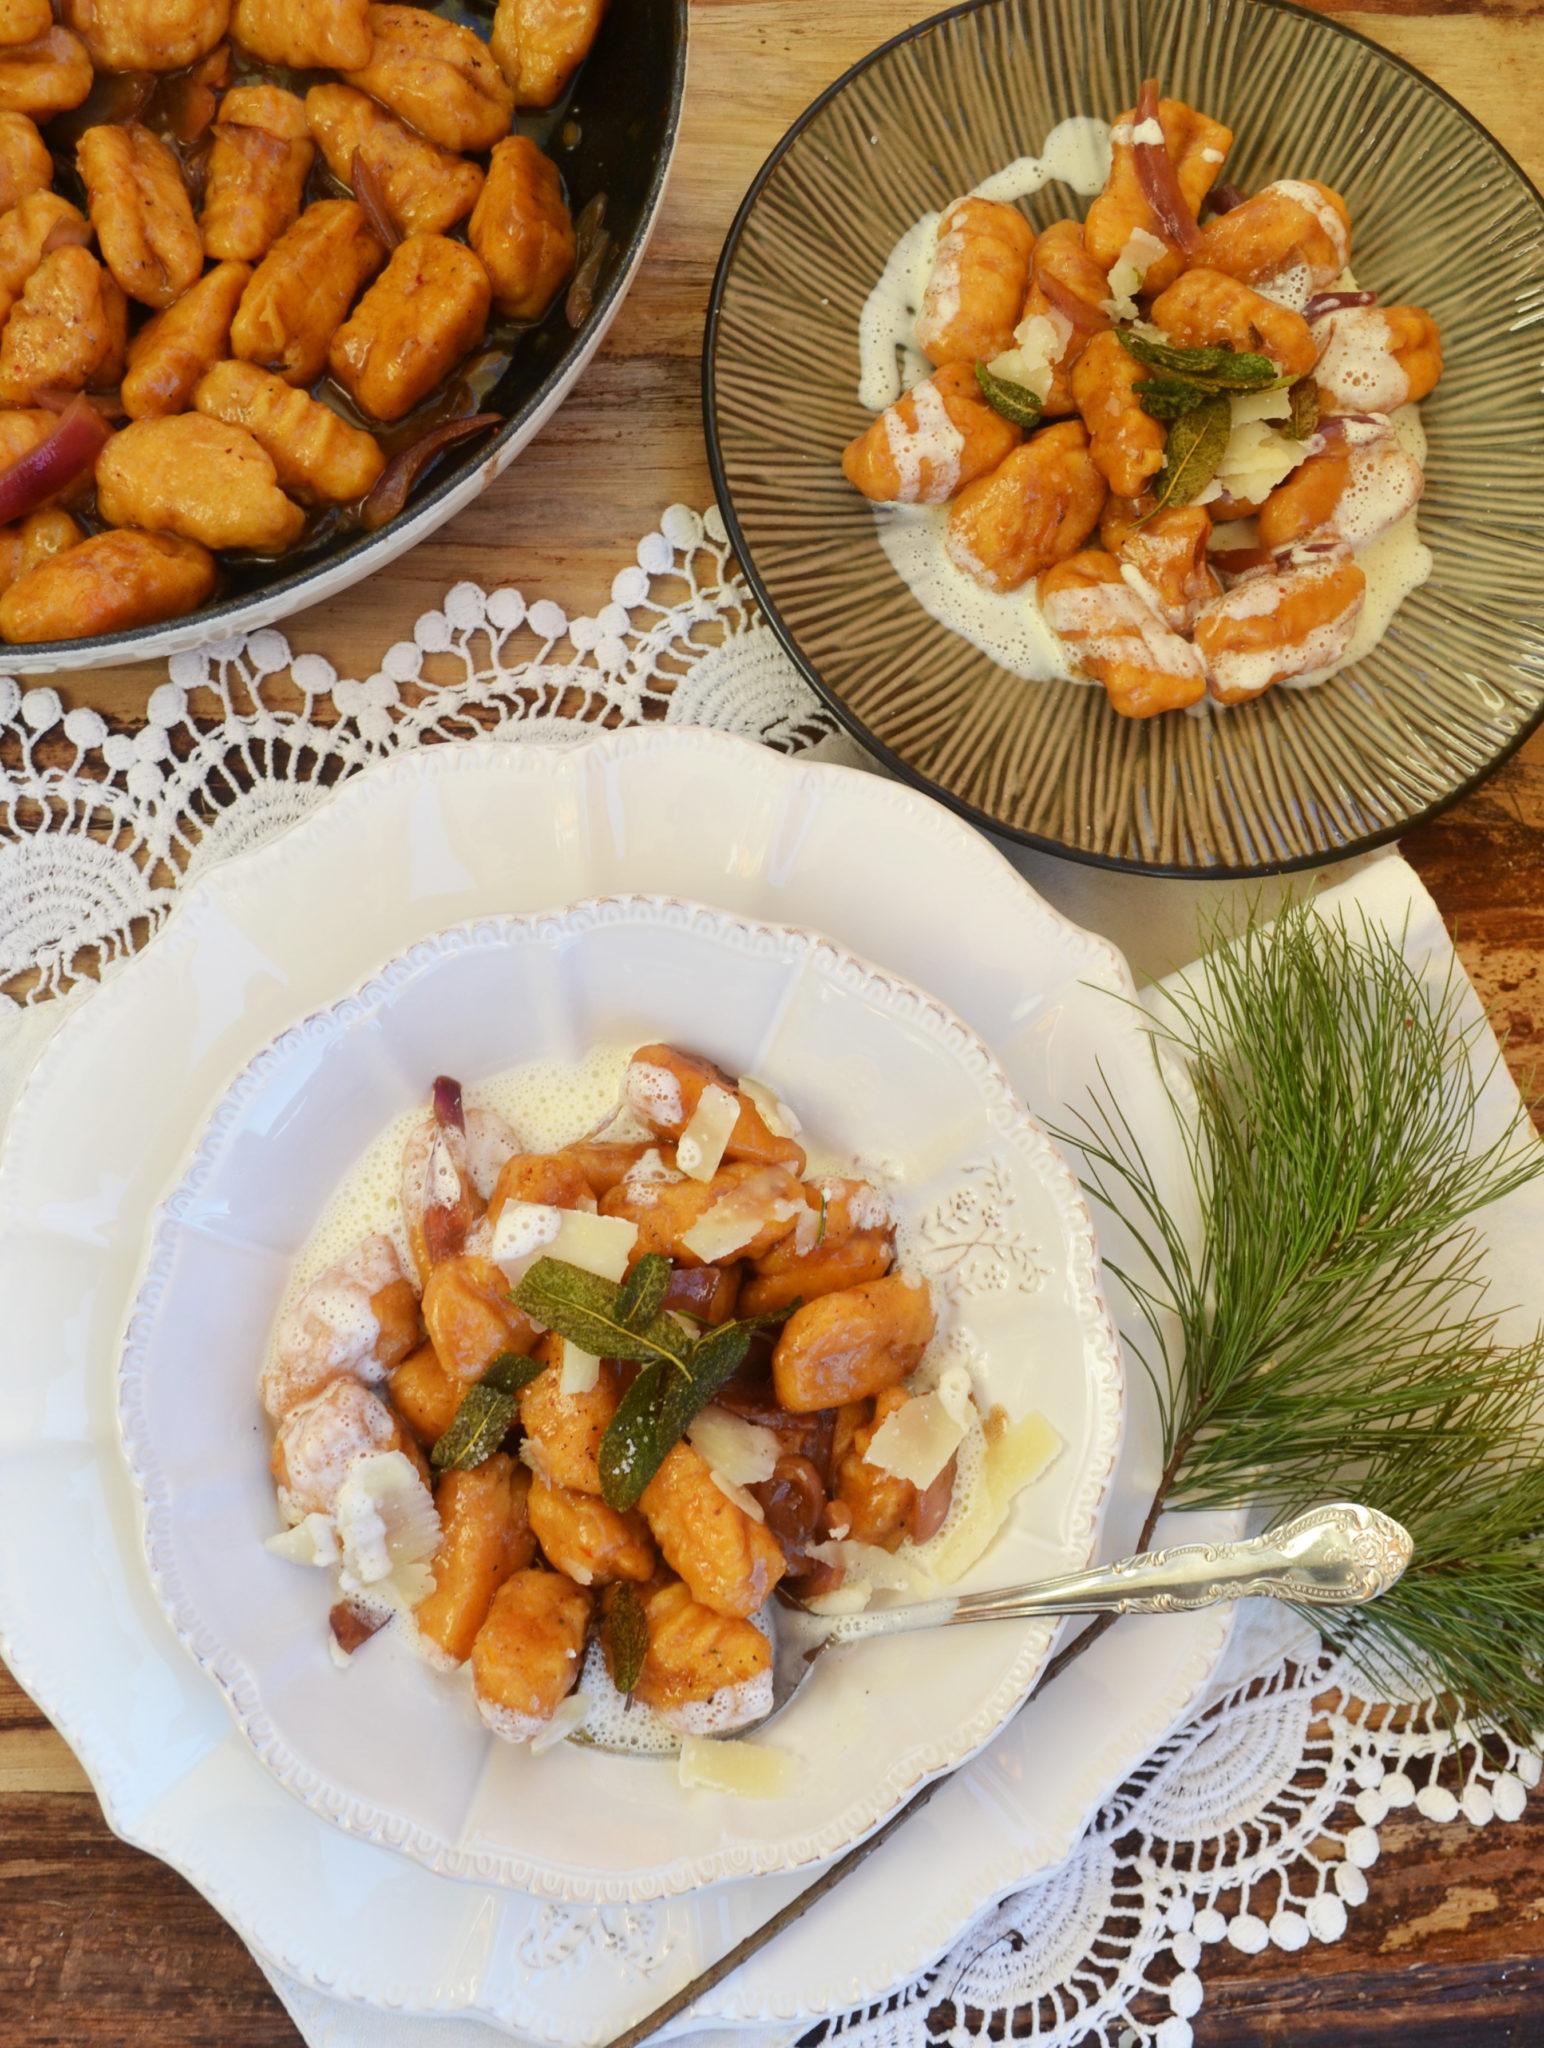 Einfach lecker! Süßkartoffel-Gnocchi mit Balsamico-Zwiebeln, Salbei und Ziegenkäseschaum